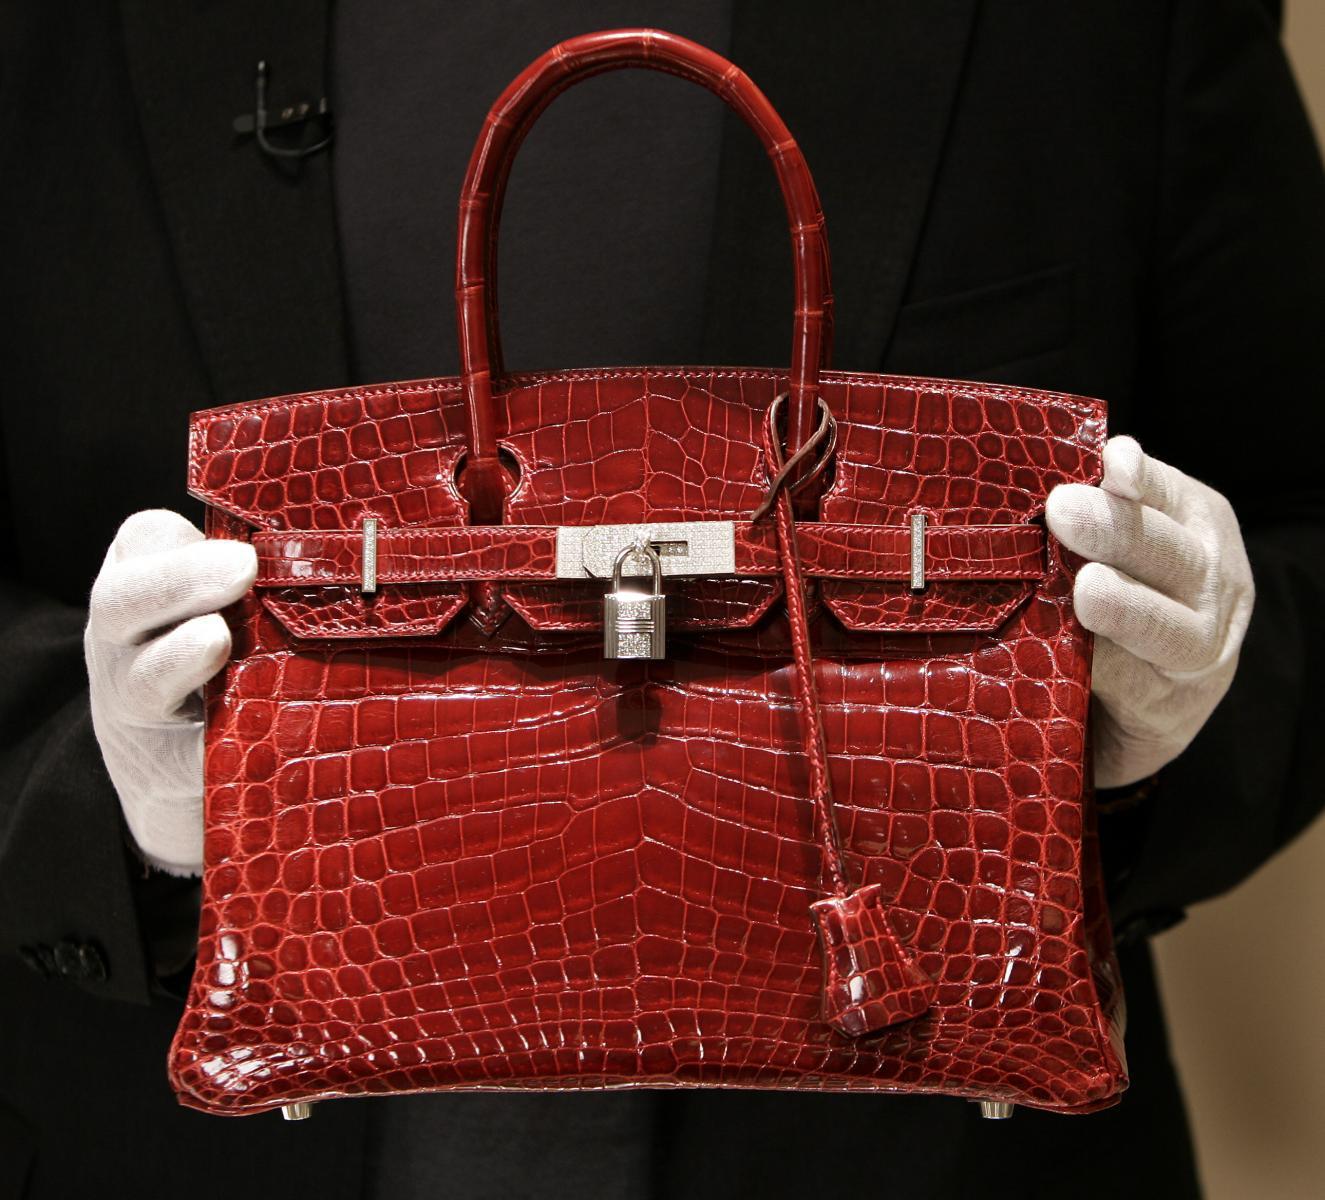 ศาลฝรั่งเศส จำคุก 10 ผู้ต้องหาขบวนการปลอมกระเป๋าแอร์เมส เบอร์กิ้น